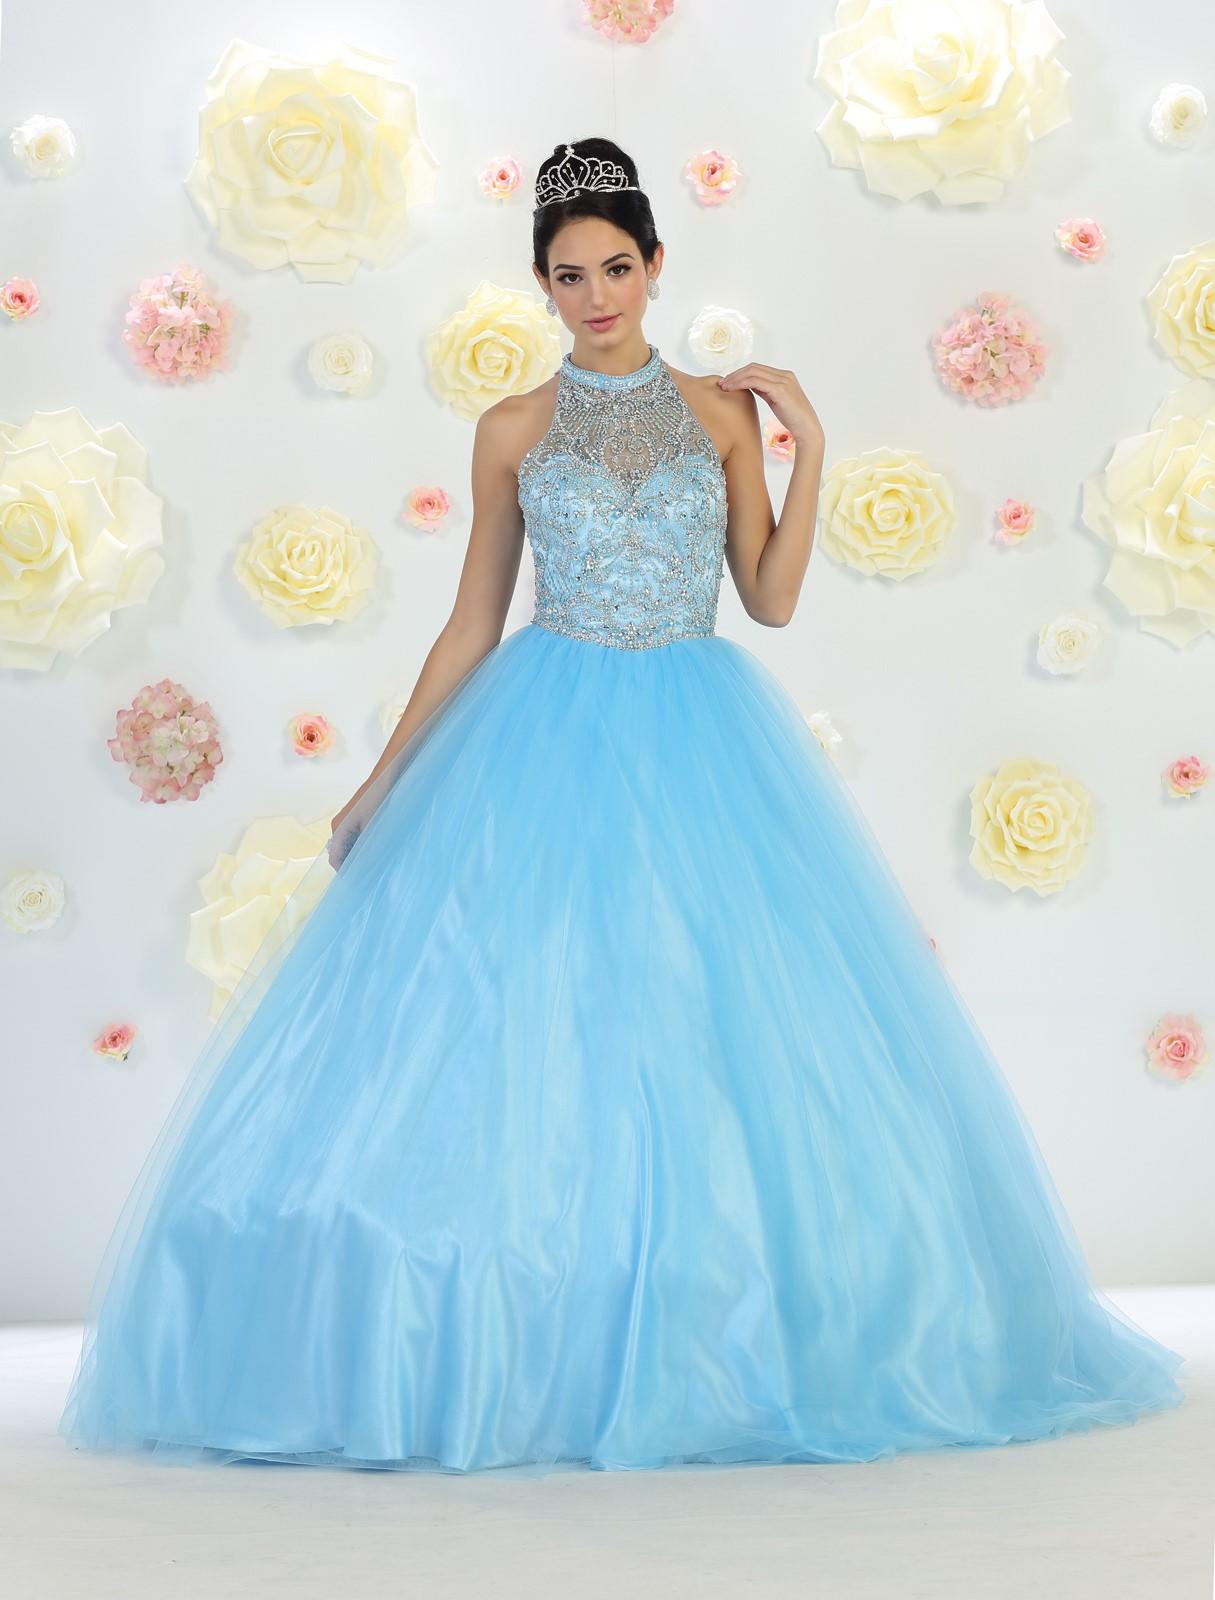 77fdca5b0e7e Ball Gown Dresses Sweet 16 - raveitsafe